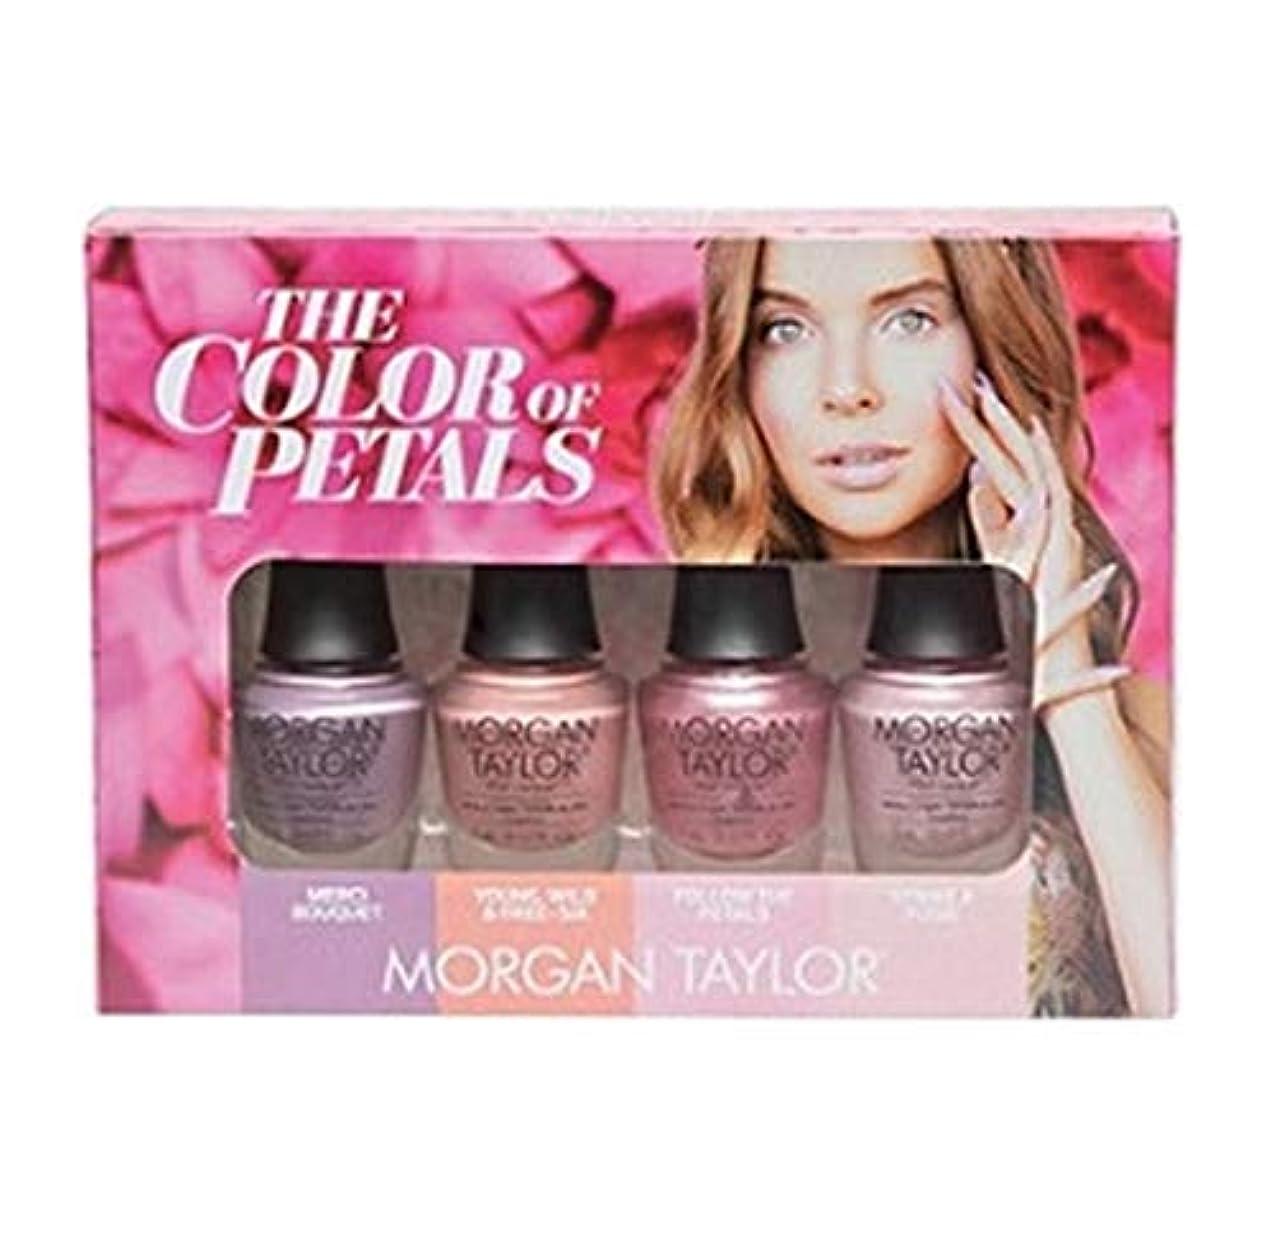 誇張発疹恐れMorgan Taylor - The Color Of Petals Collection - Mini 4 pk - 5 mL / 0.17 oz Each